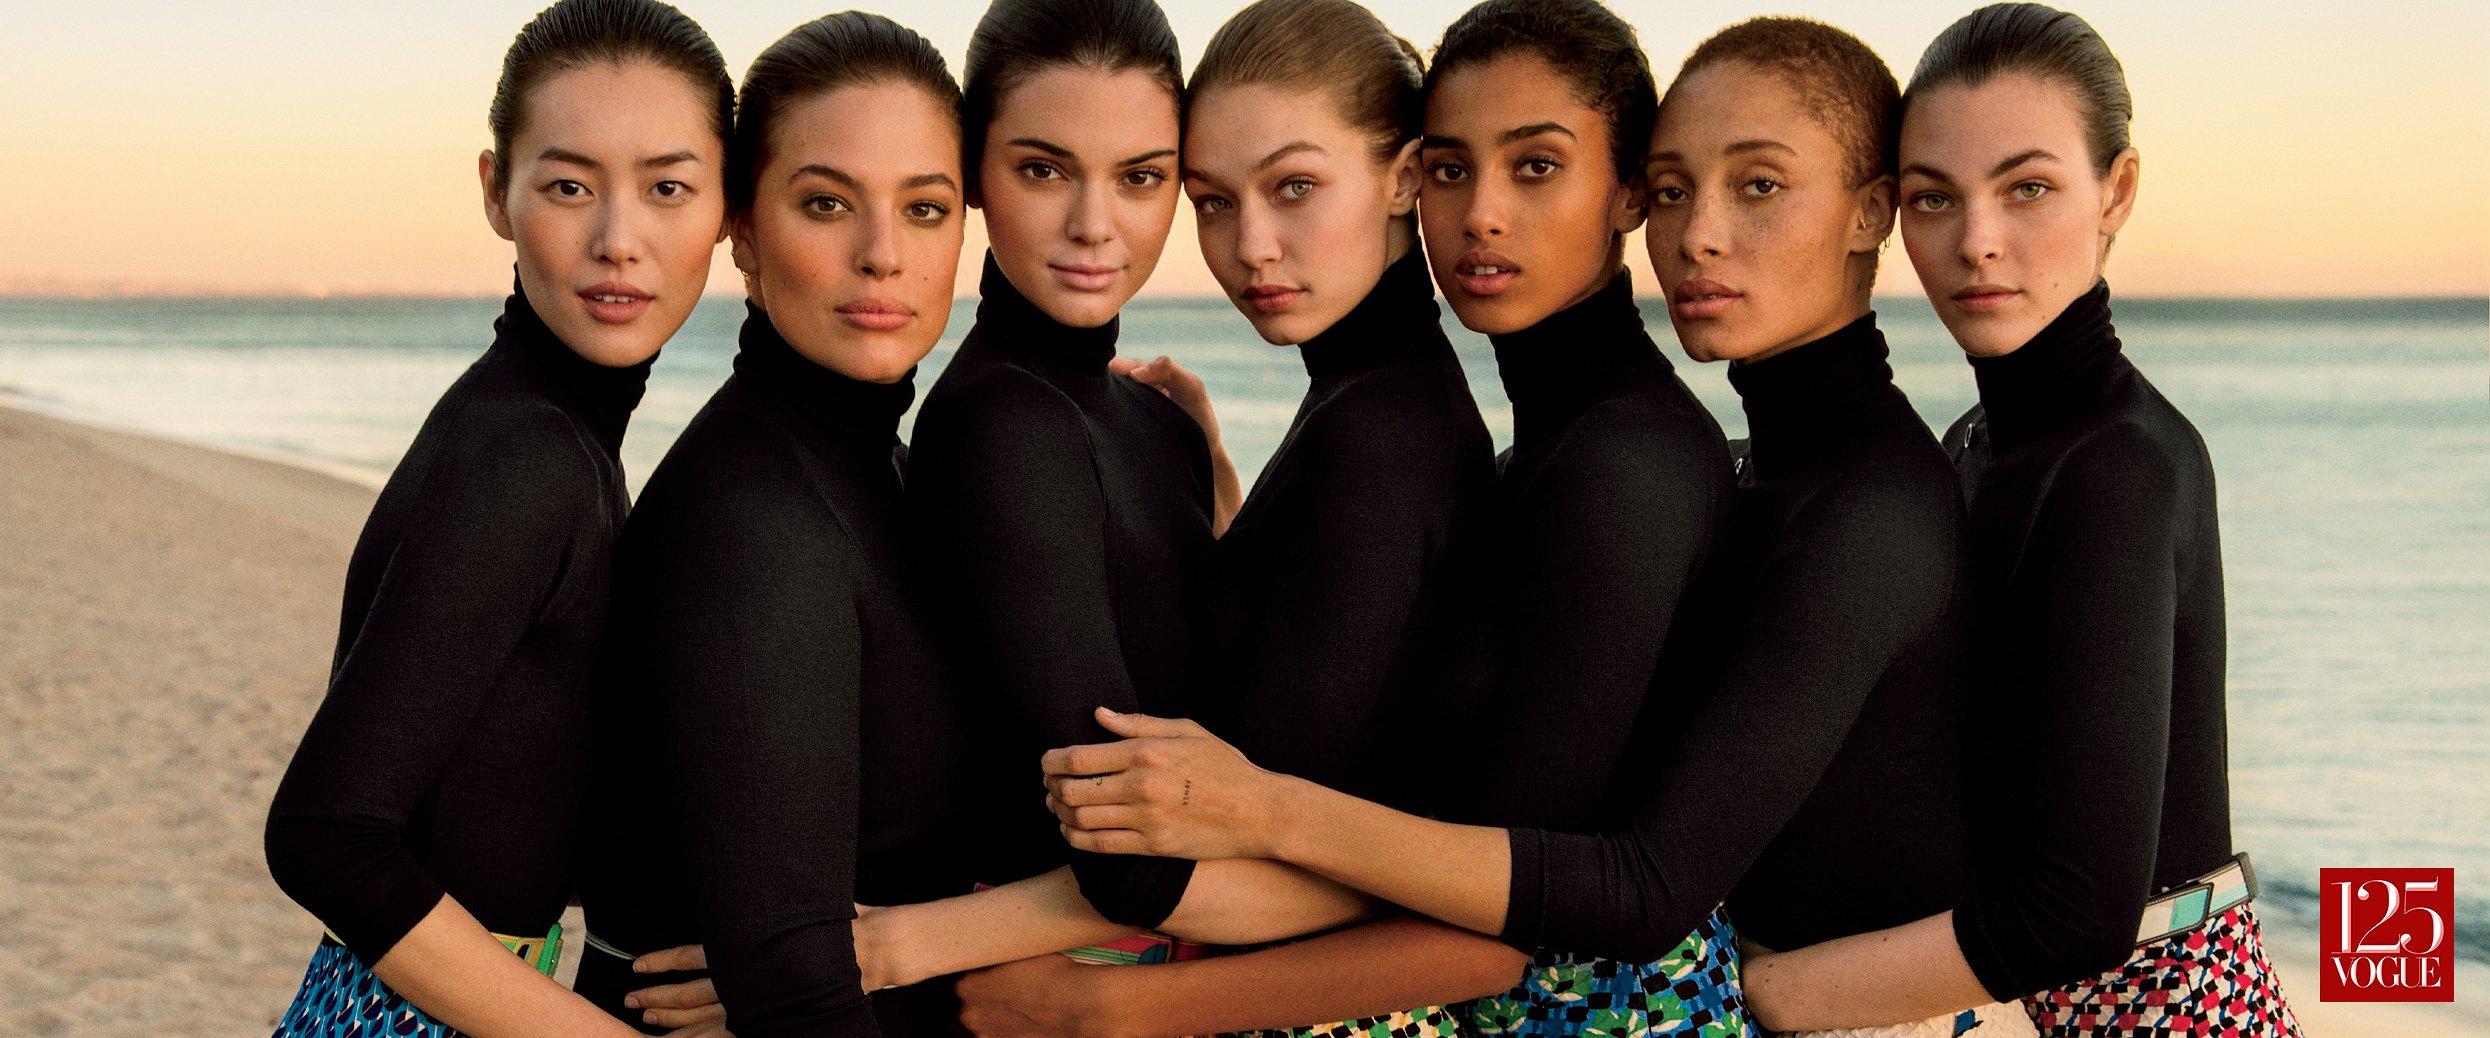 Vogue diversity cover.jpeg